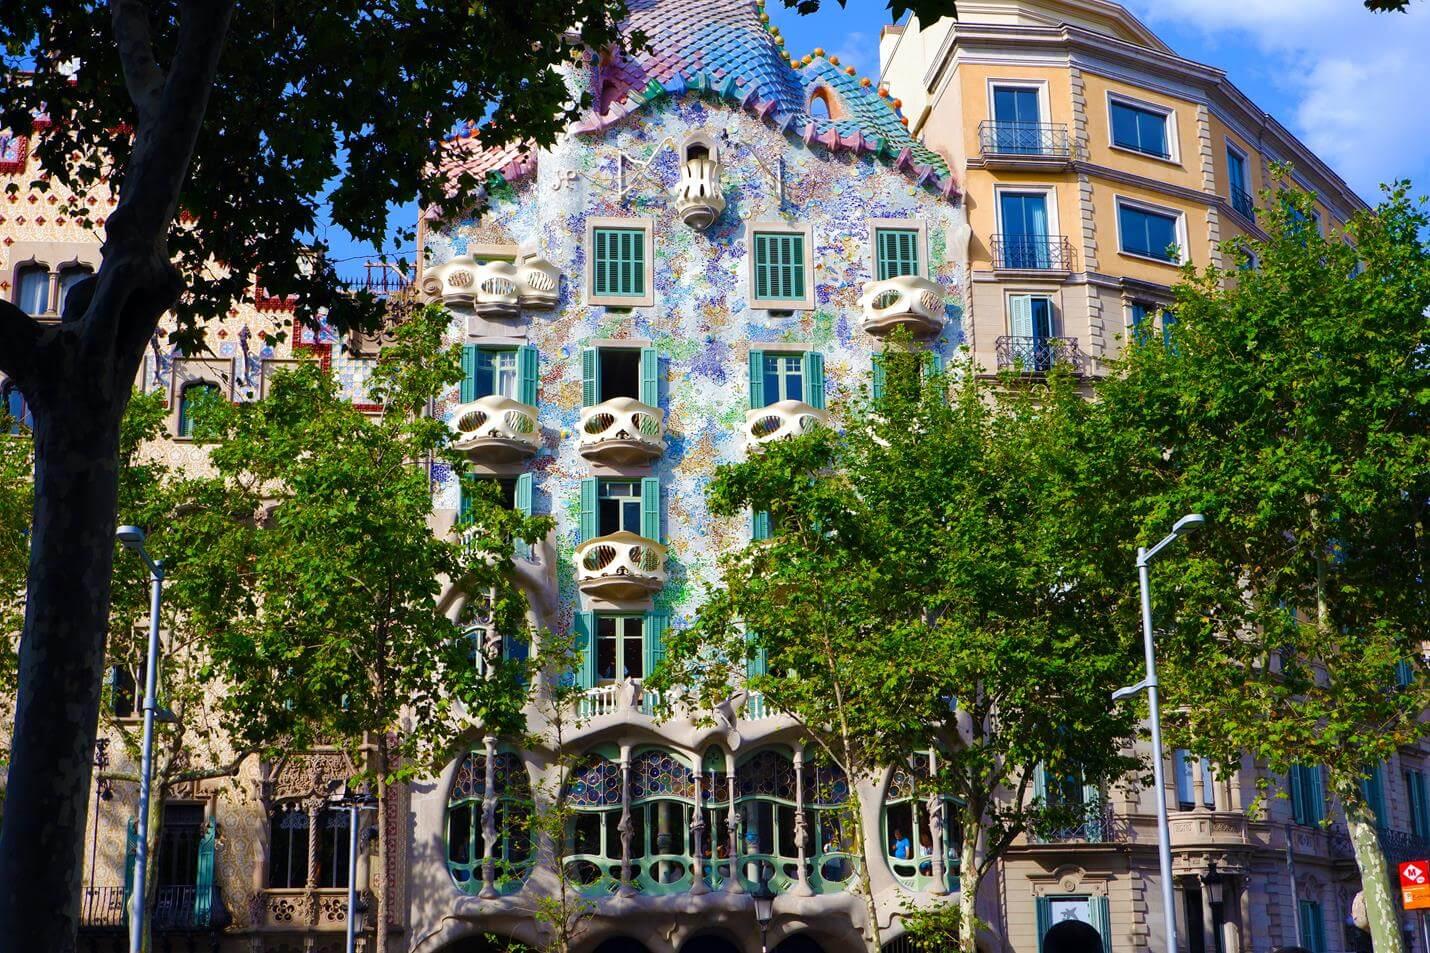 Casa Batlló in Barcelona - Top